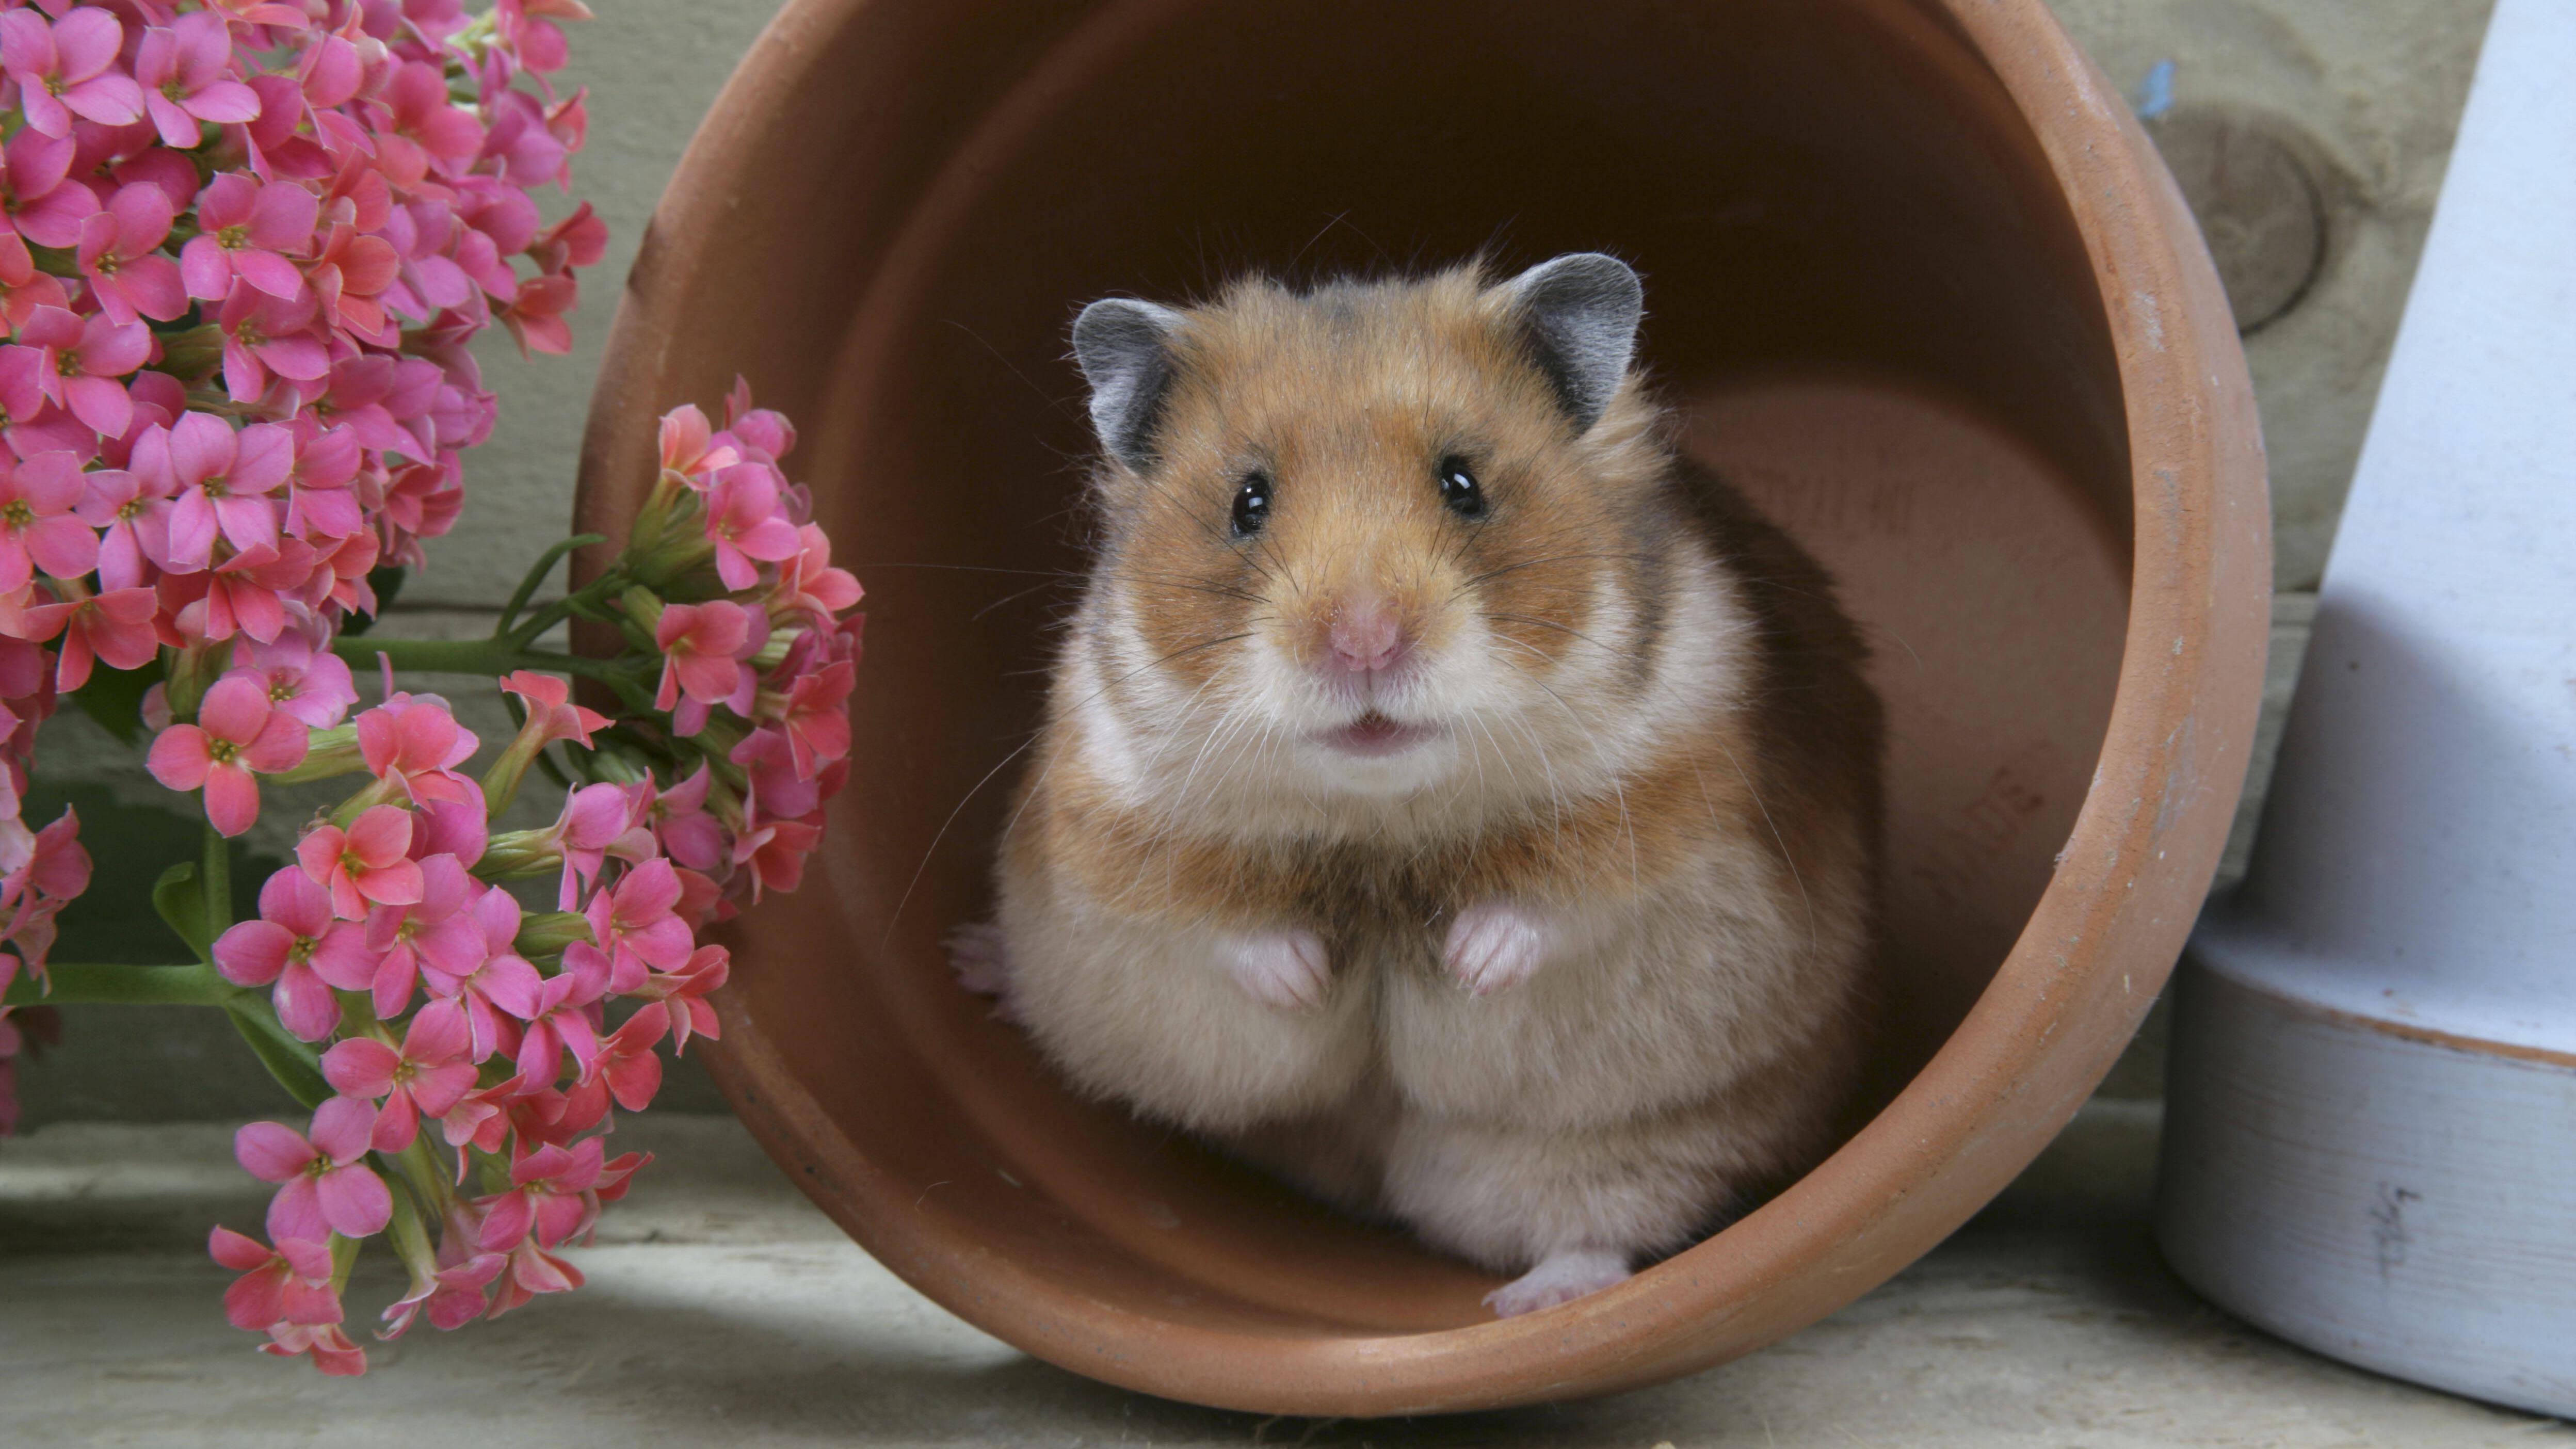 Hamsterkäfig reinigen: Darauf sollten Sie achten